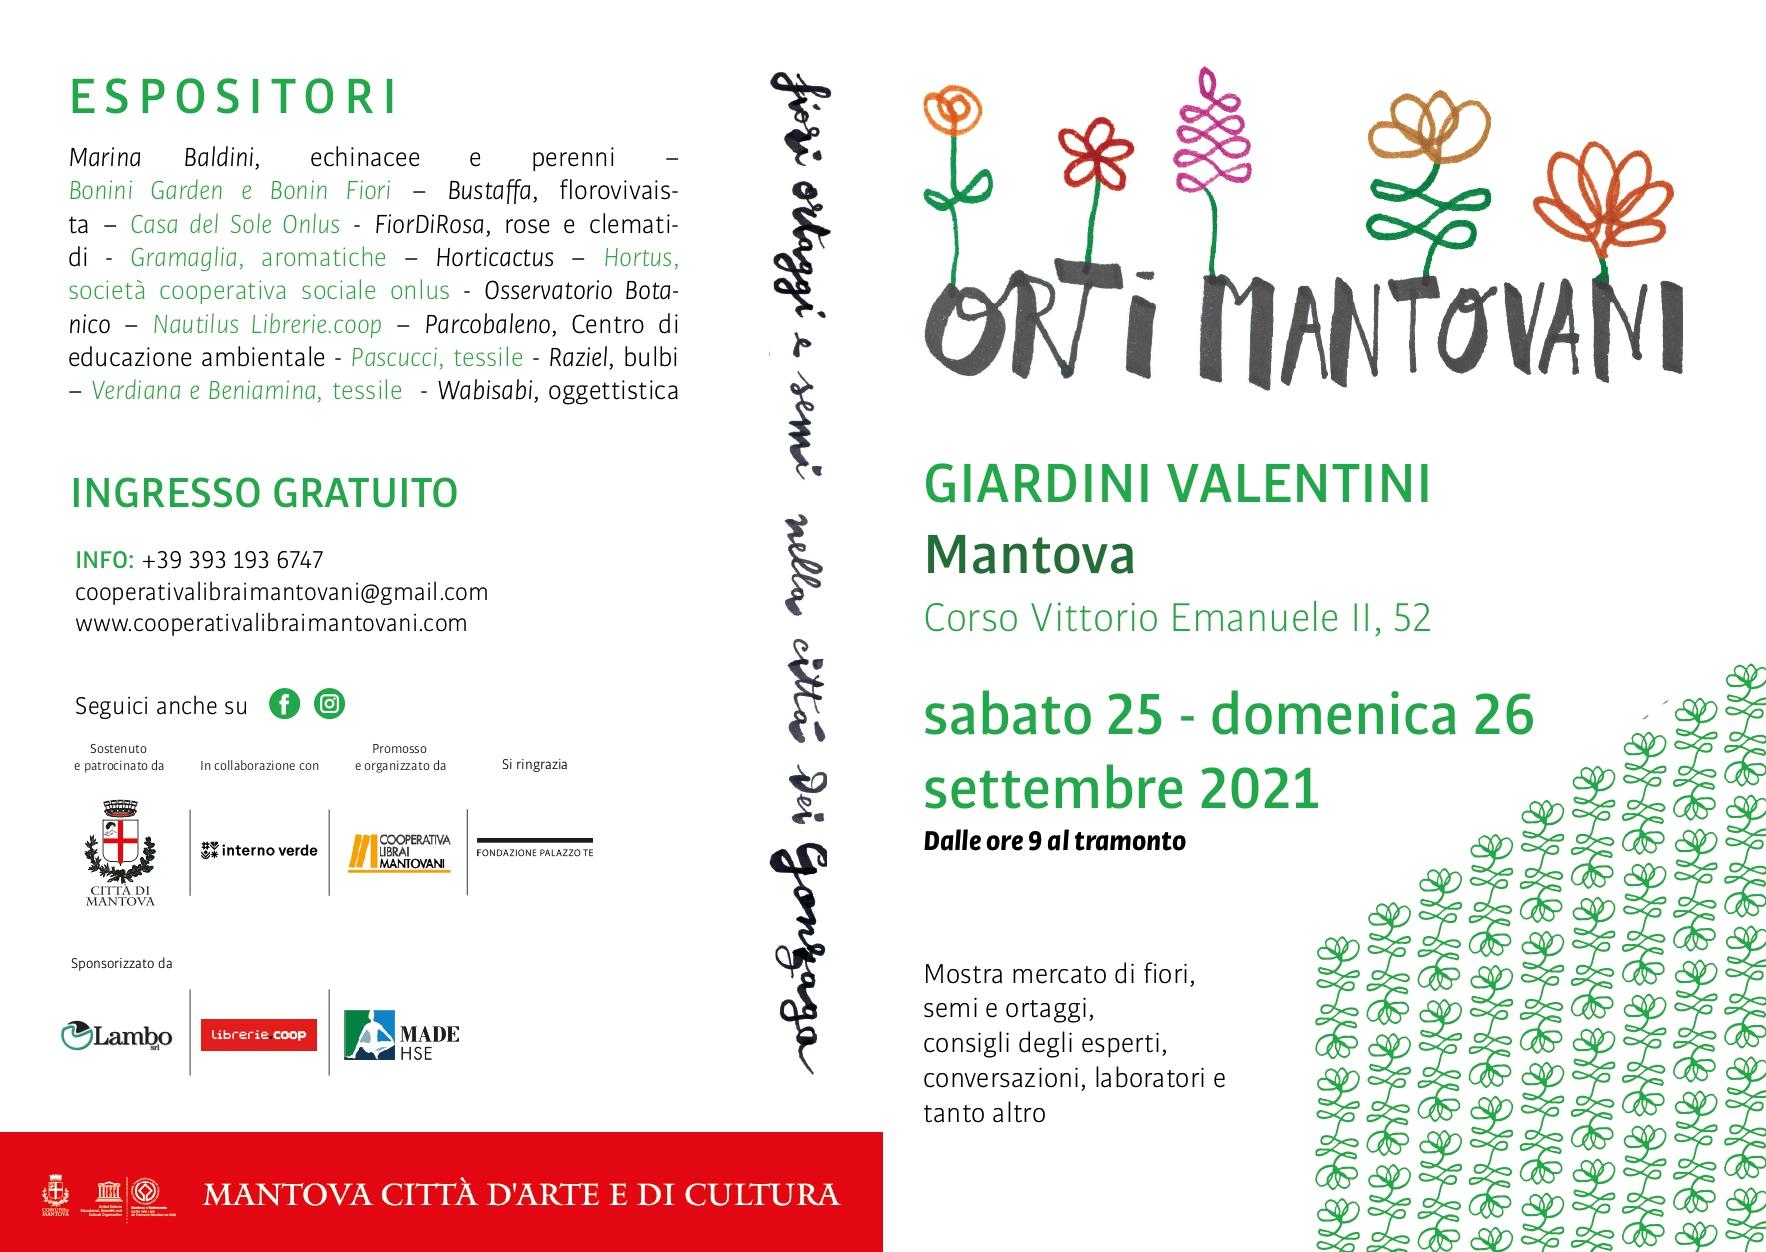 Programma Orti Mantovani 2021